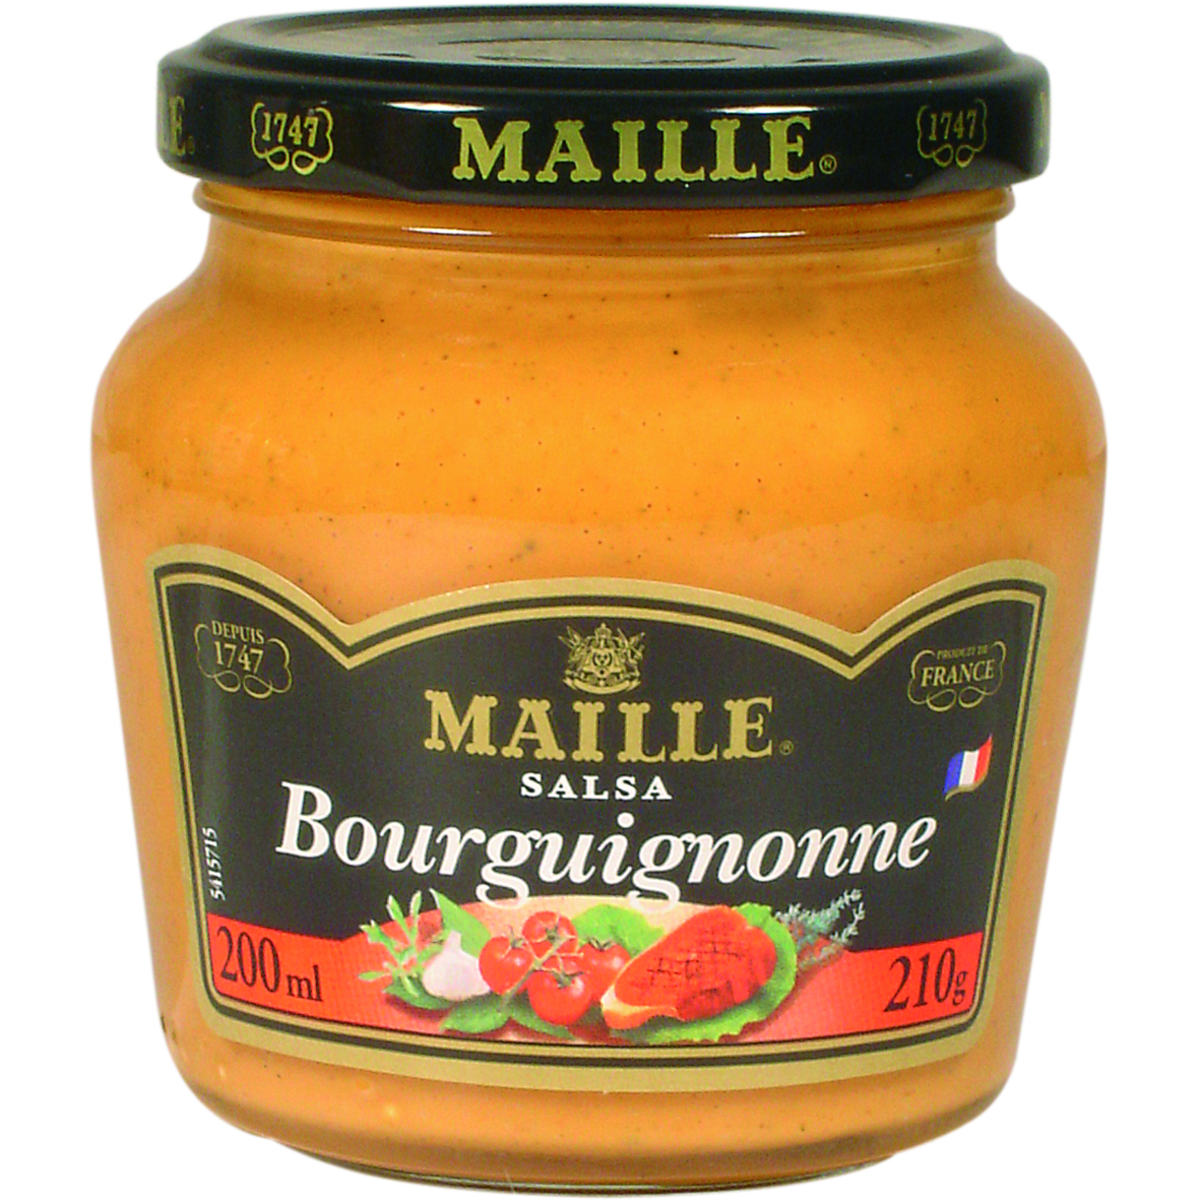 Salsa Bourguignonne